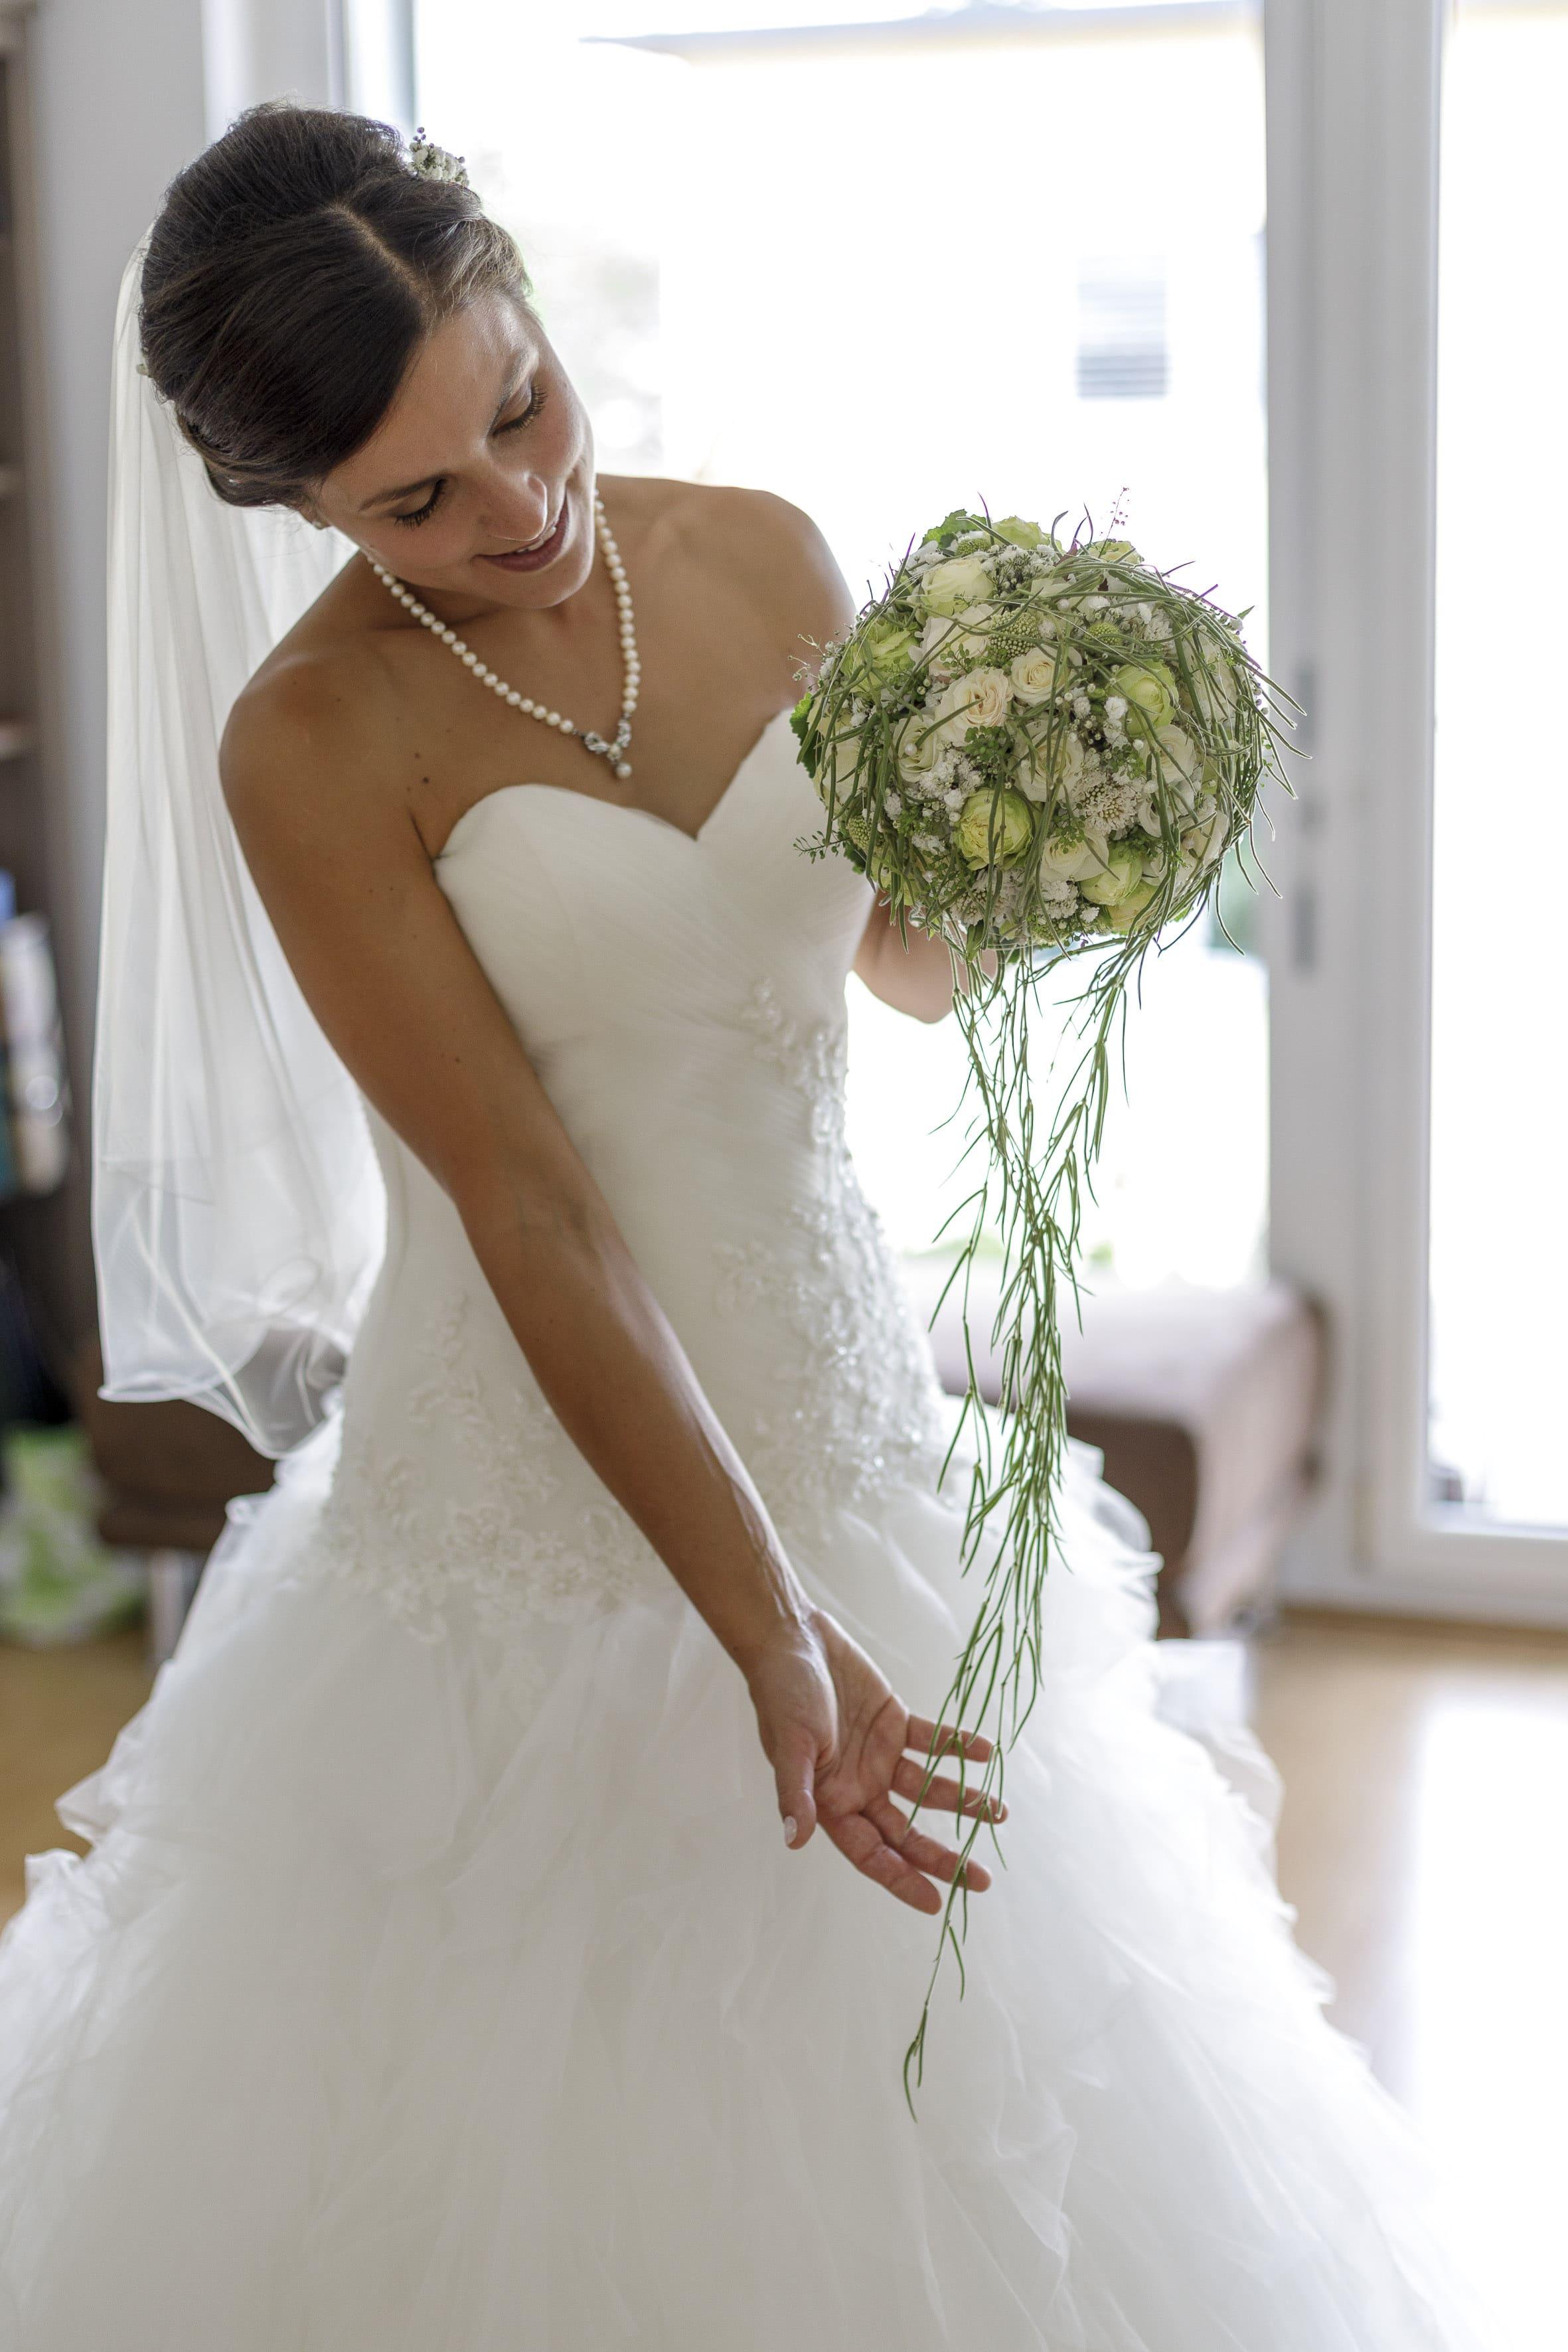 Hochzeitsfloristik bei Natürlich Fabienne Naturfloristik